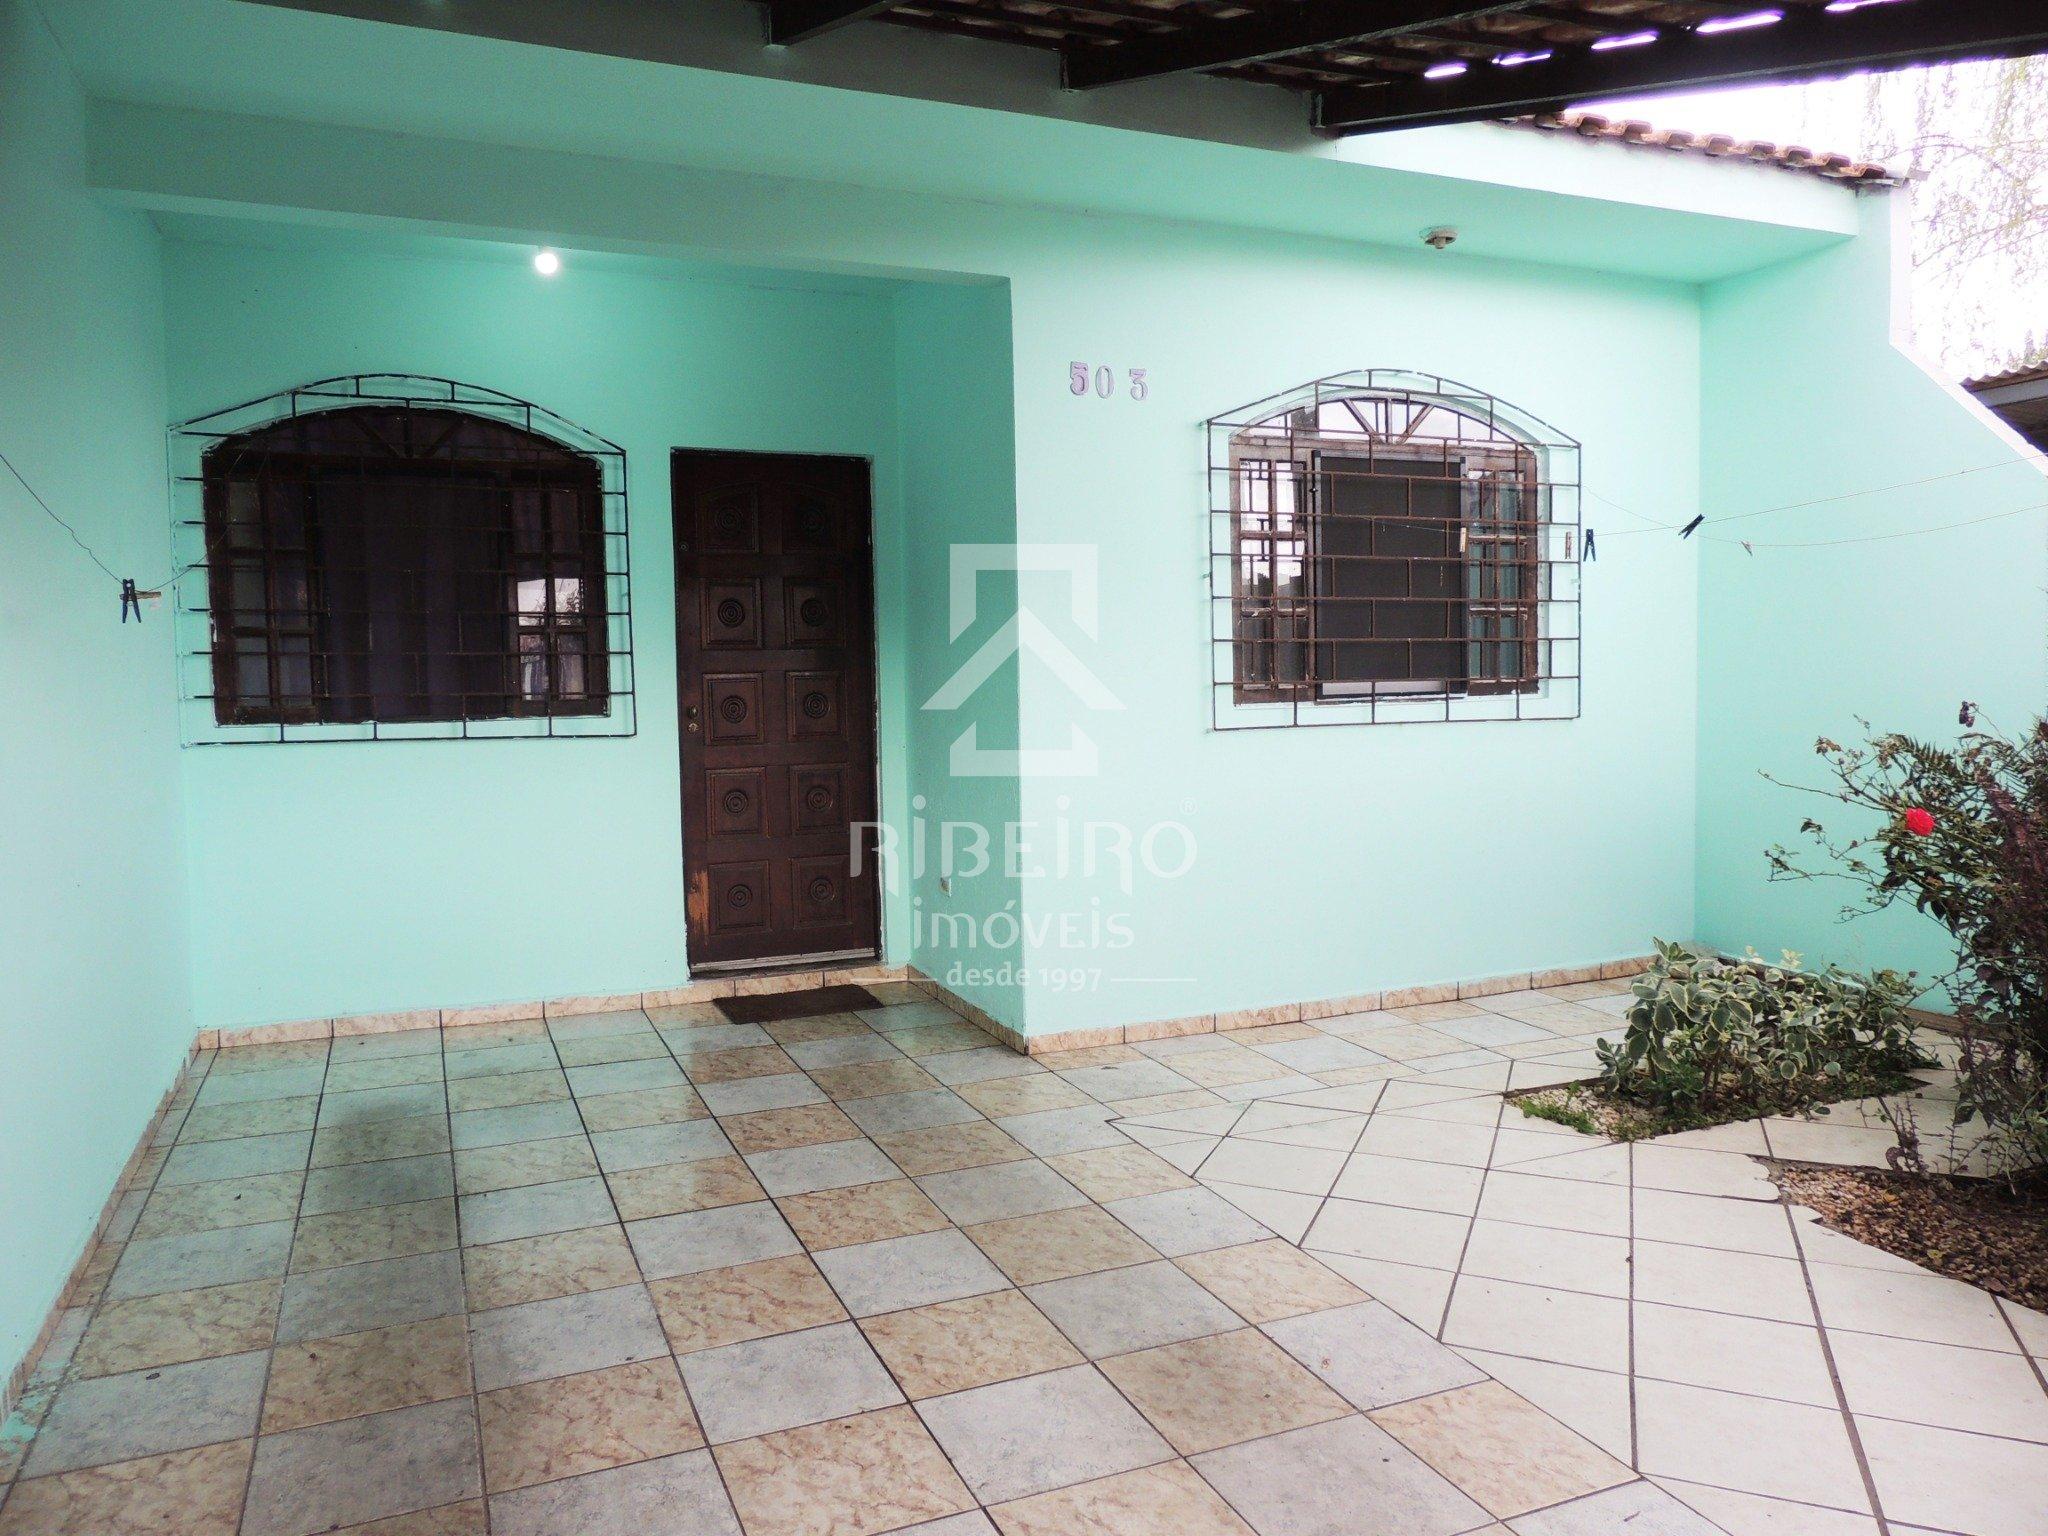 REF. 8579 -  Sao Jose Dos Pinhais - Rua  Clodoaldo Naumann, 503